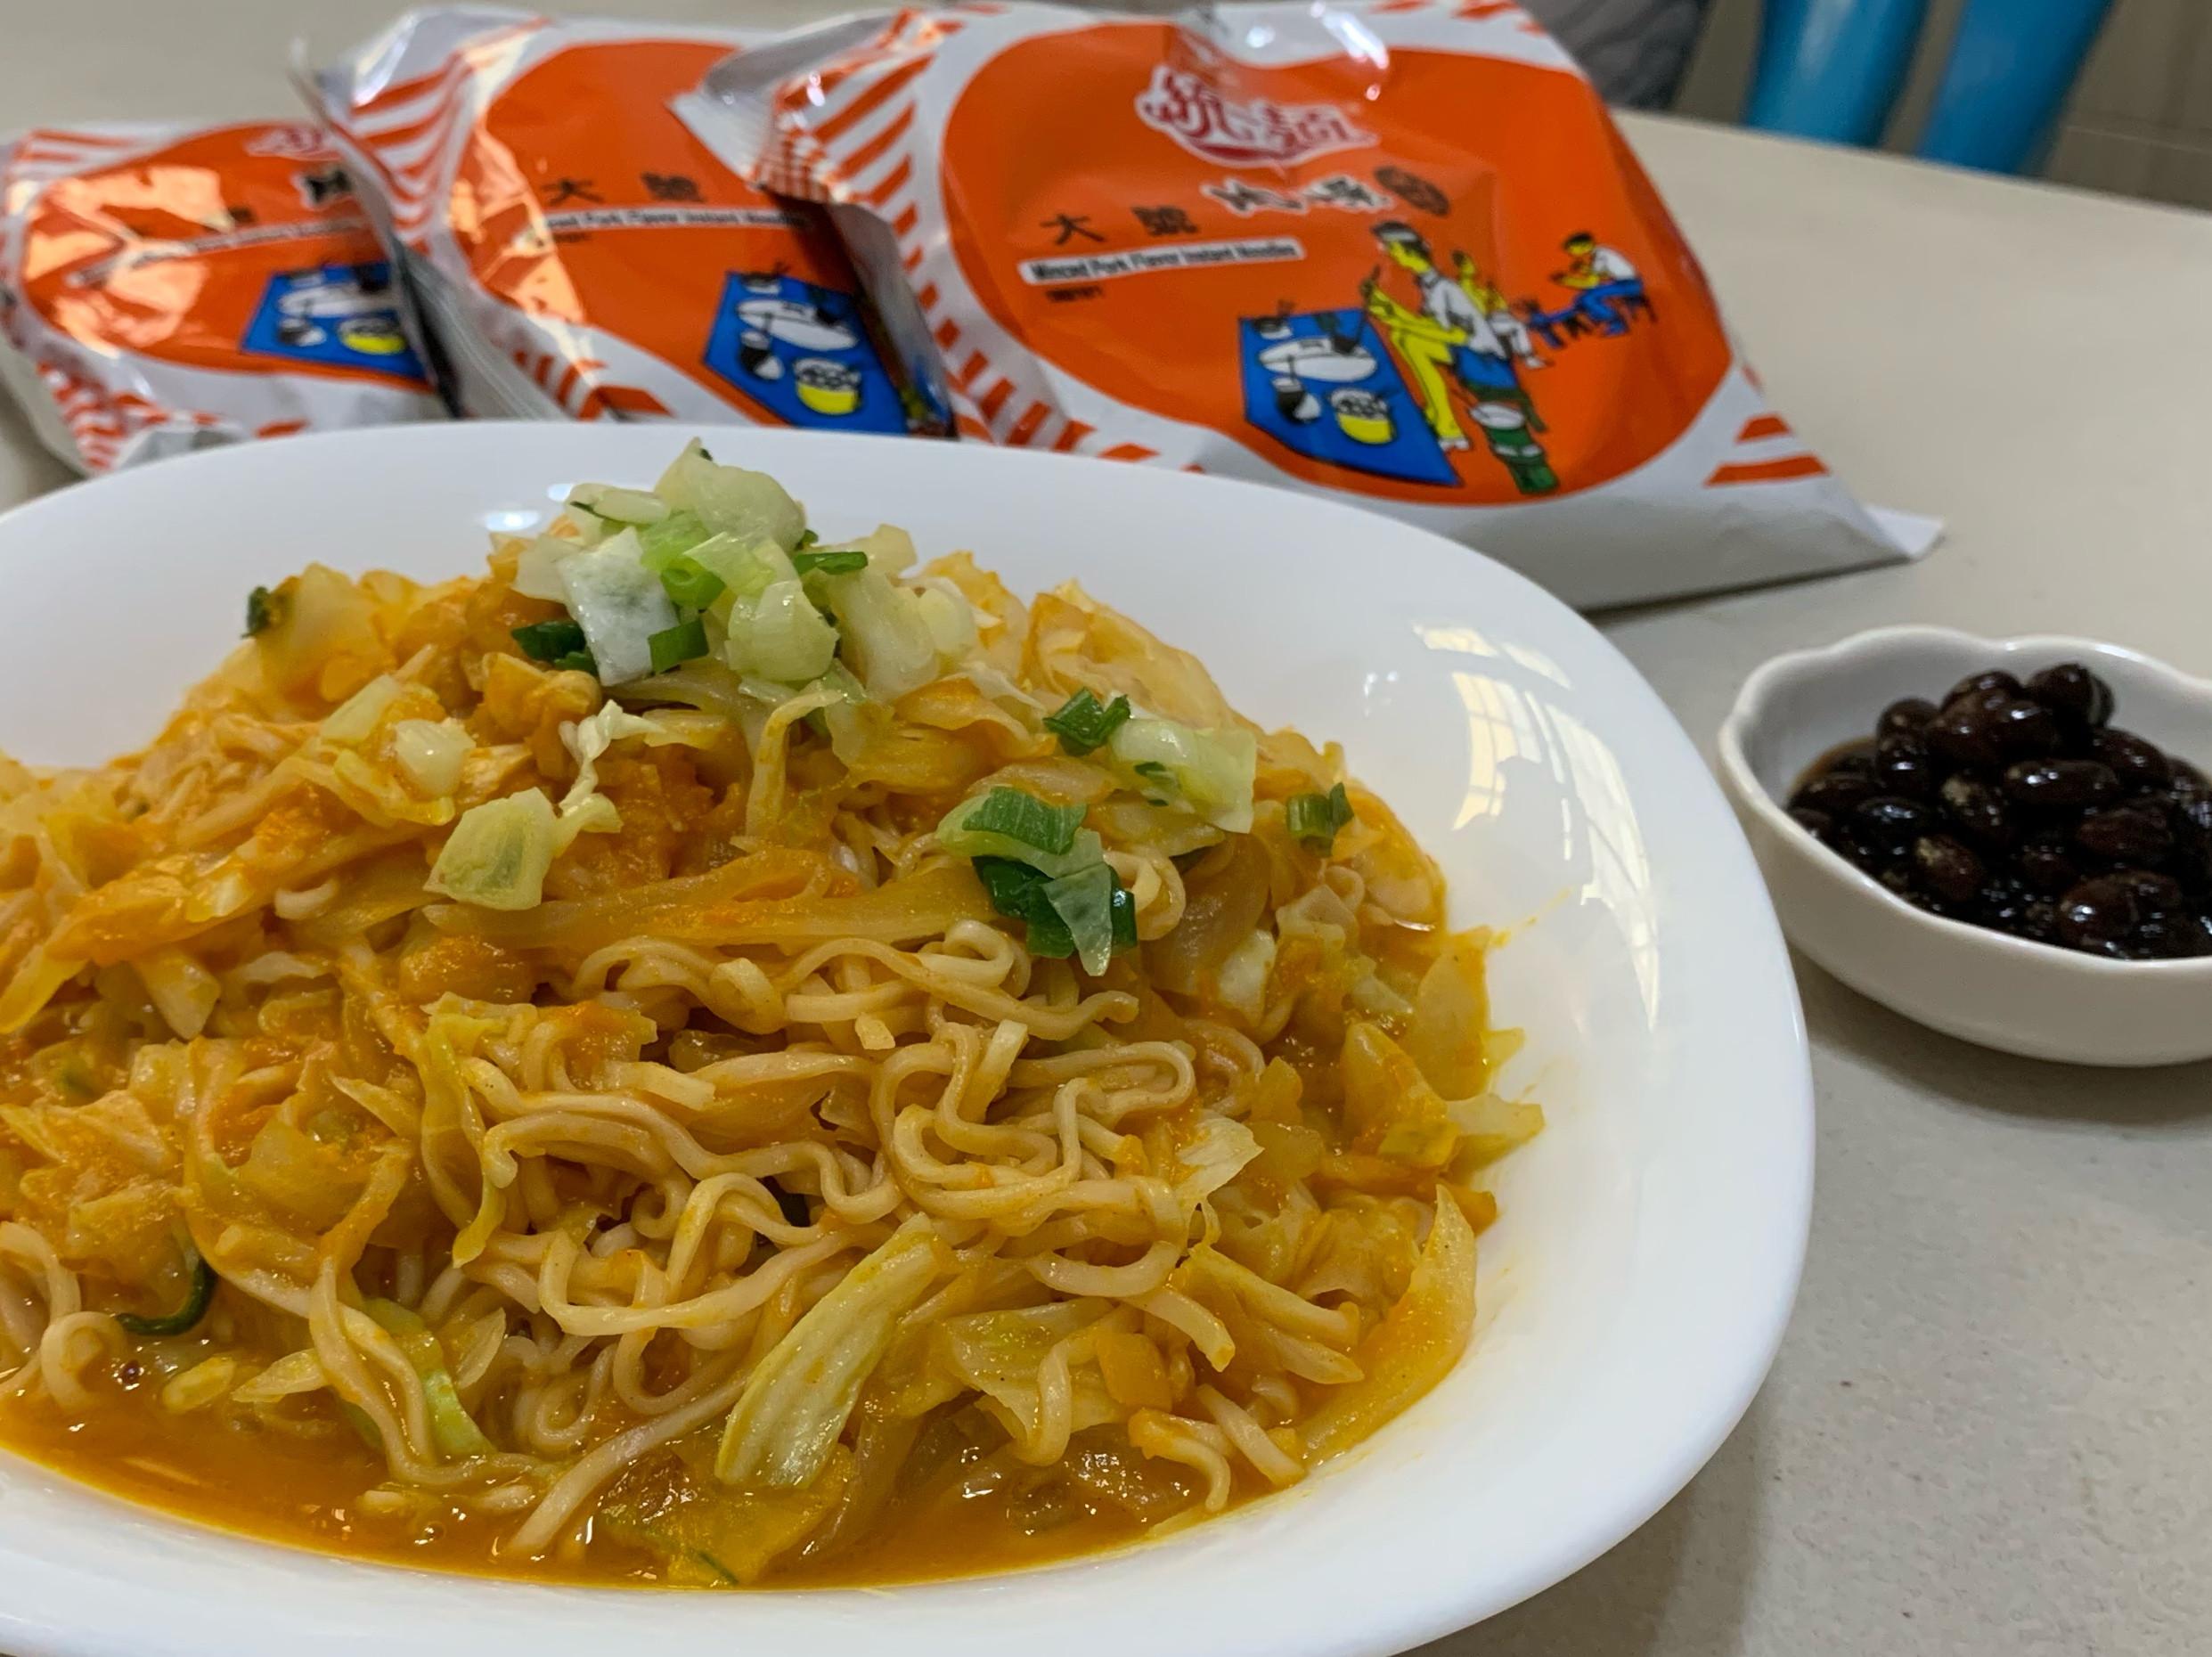 統一麵肉燥風味-南瓜蔬菜炒麵